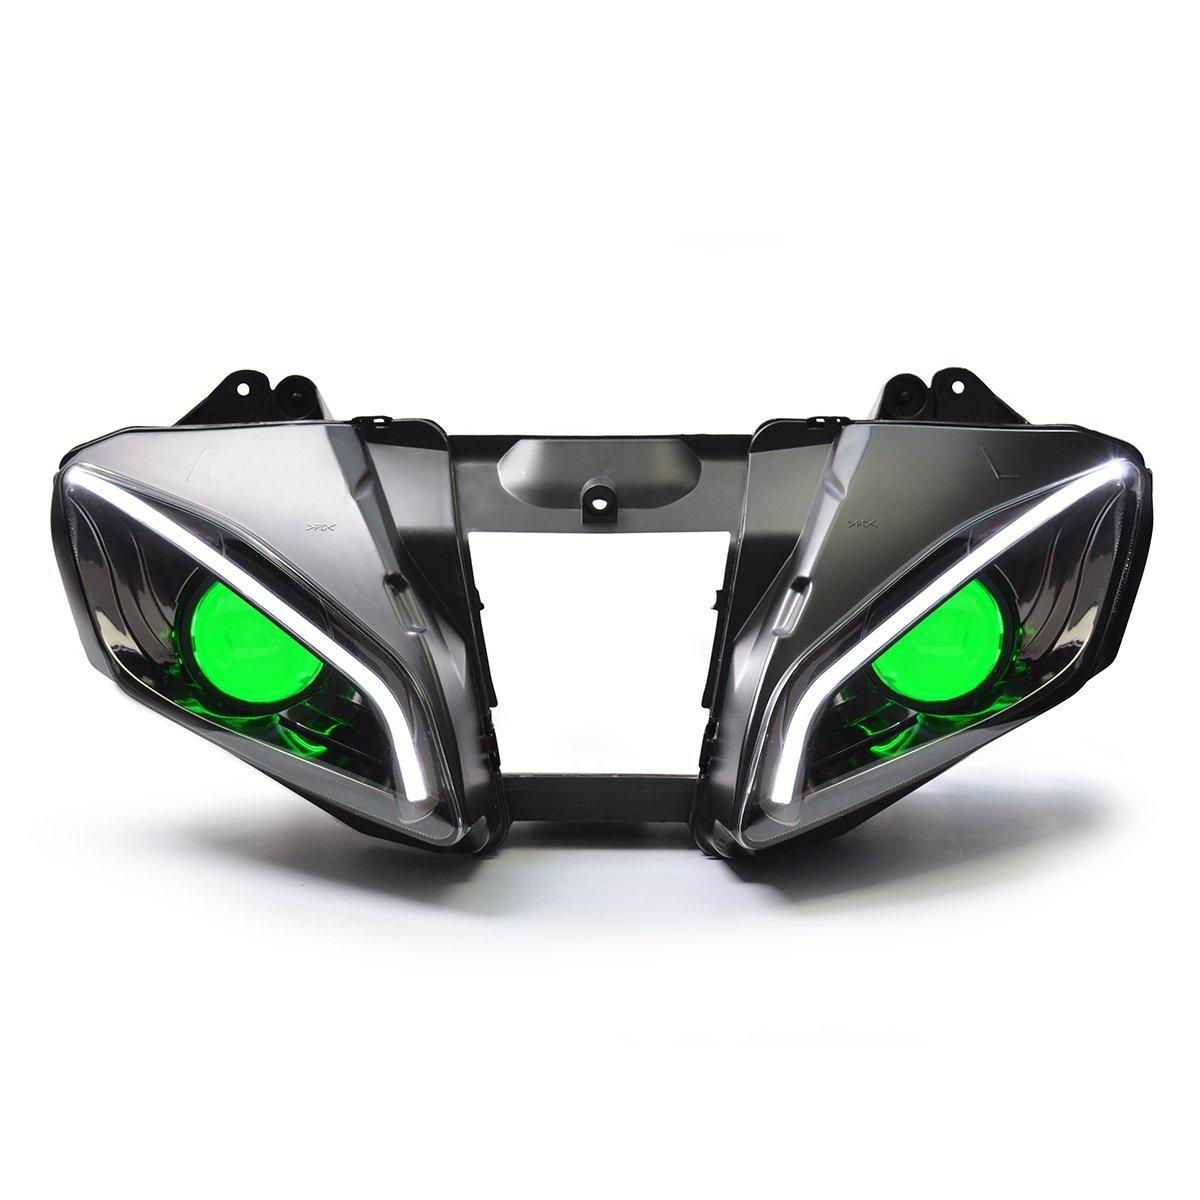 KT LED Optical Fiber Headlight Assembly for Yamaha R6 2006 2007 V2 Green Demon Eye